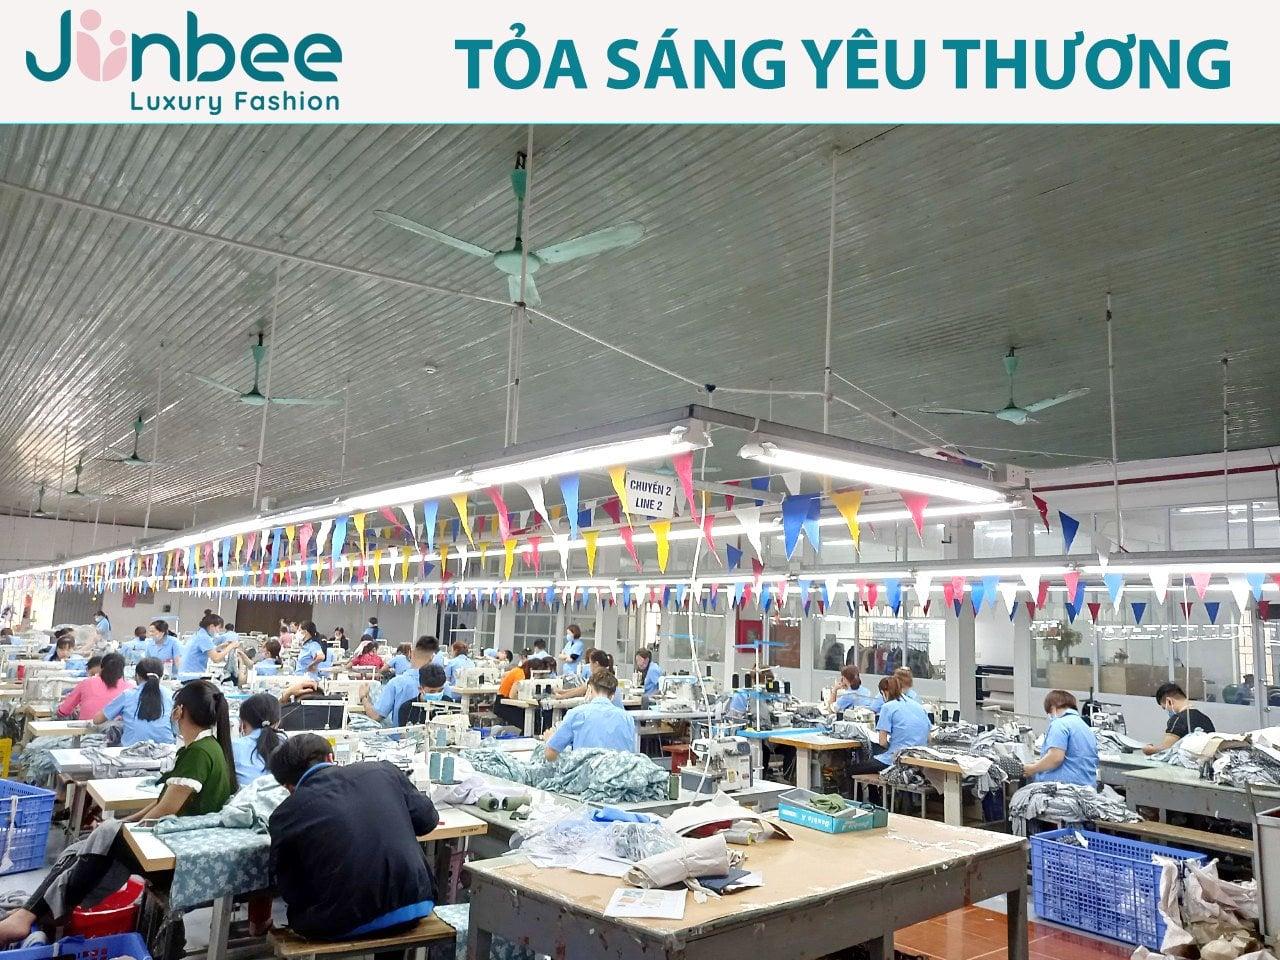 Xưởng sản xuất Junbee